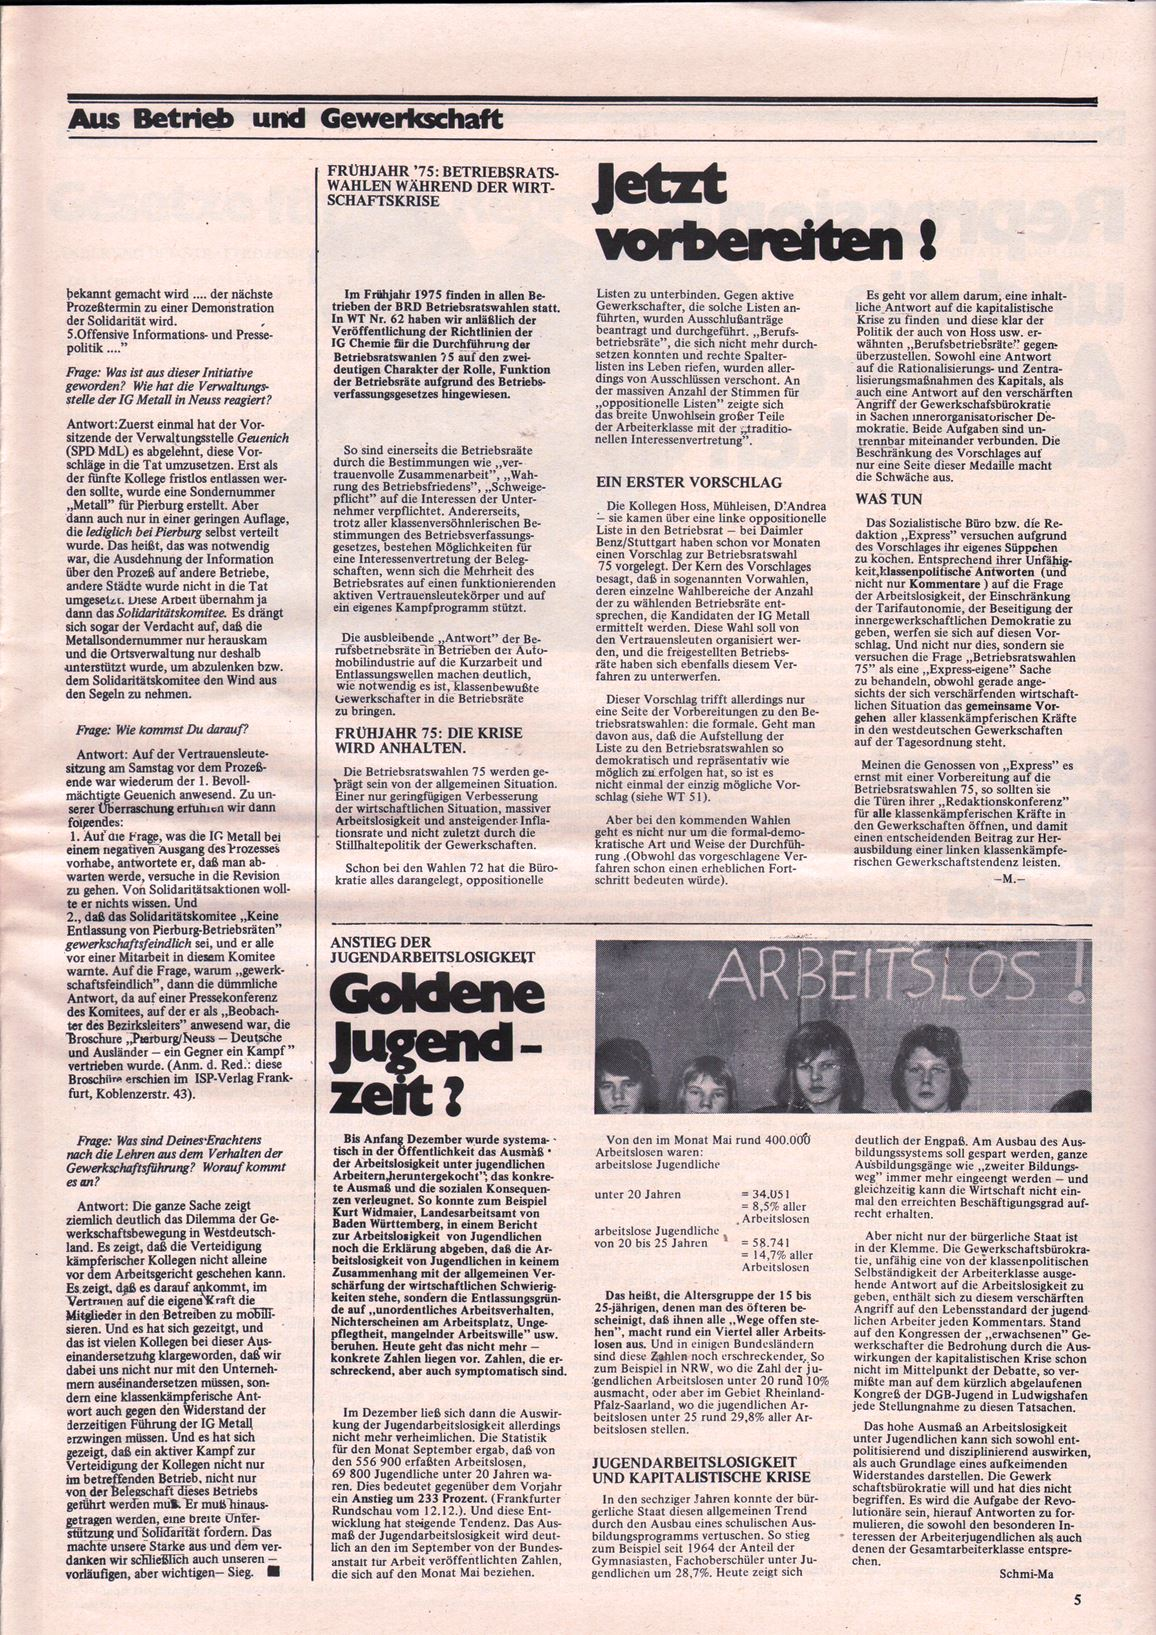 GIM_Was_tun_1974_163